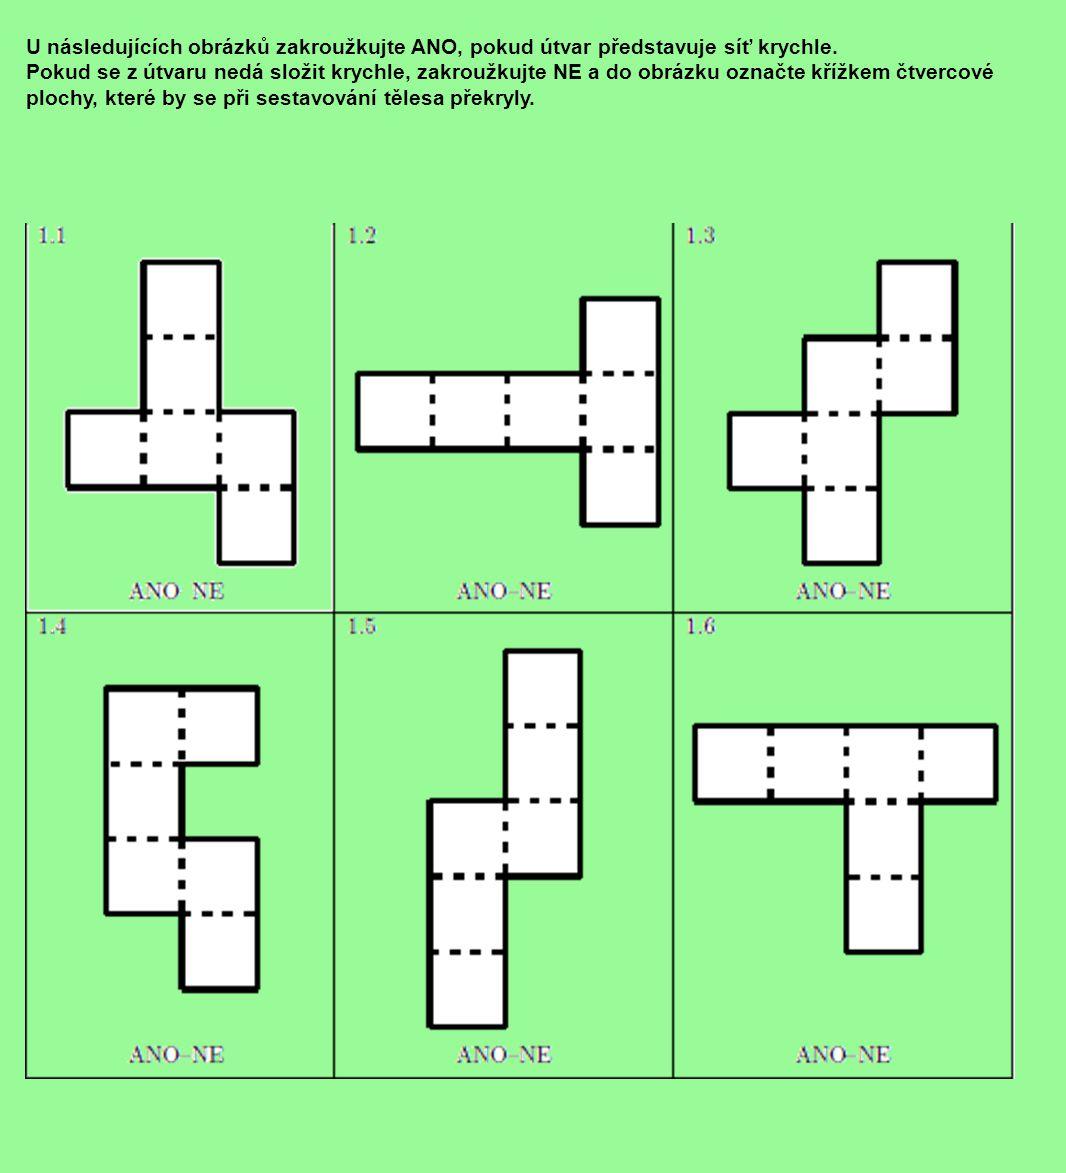 U následujících obrázků zakroužkujte ANO, pokud útvar představuje síť krychle.